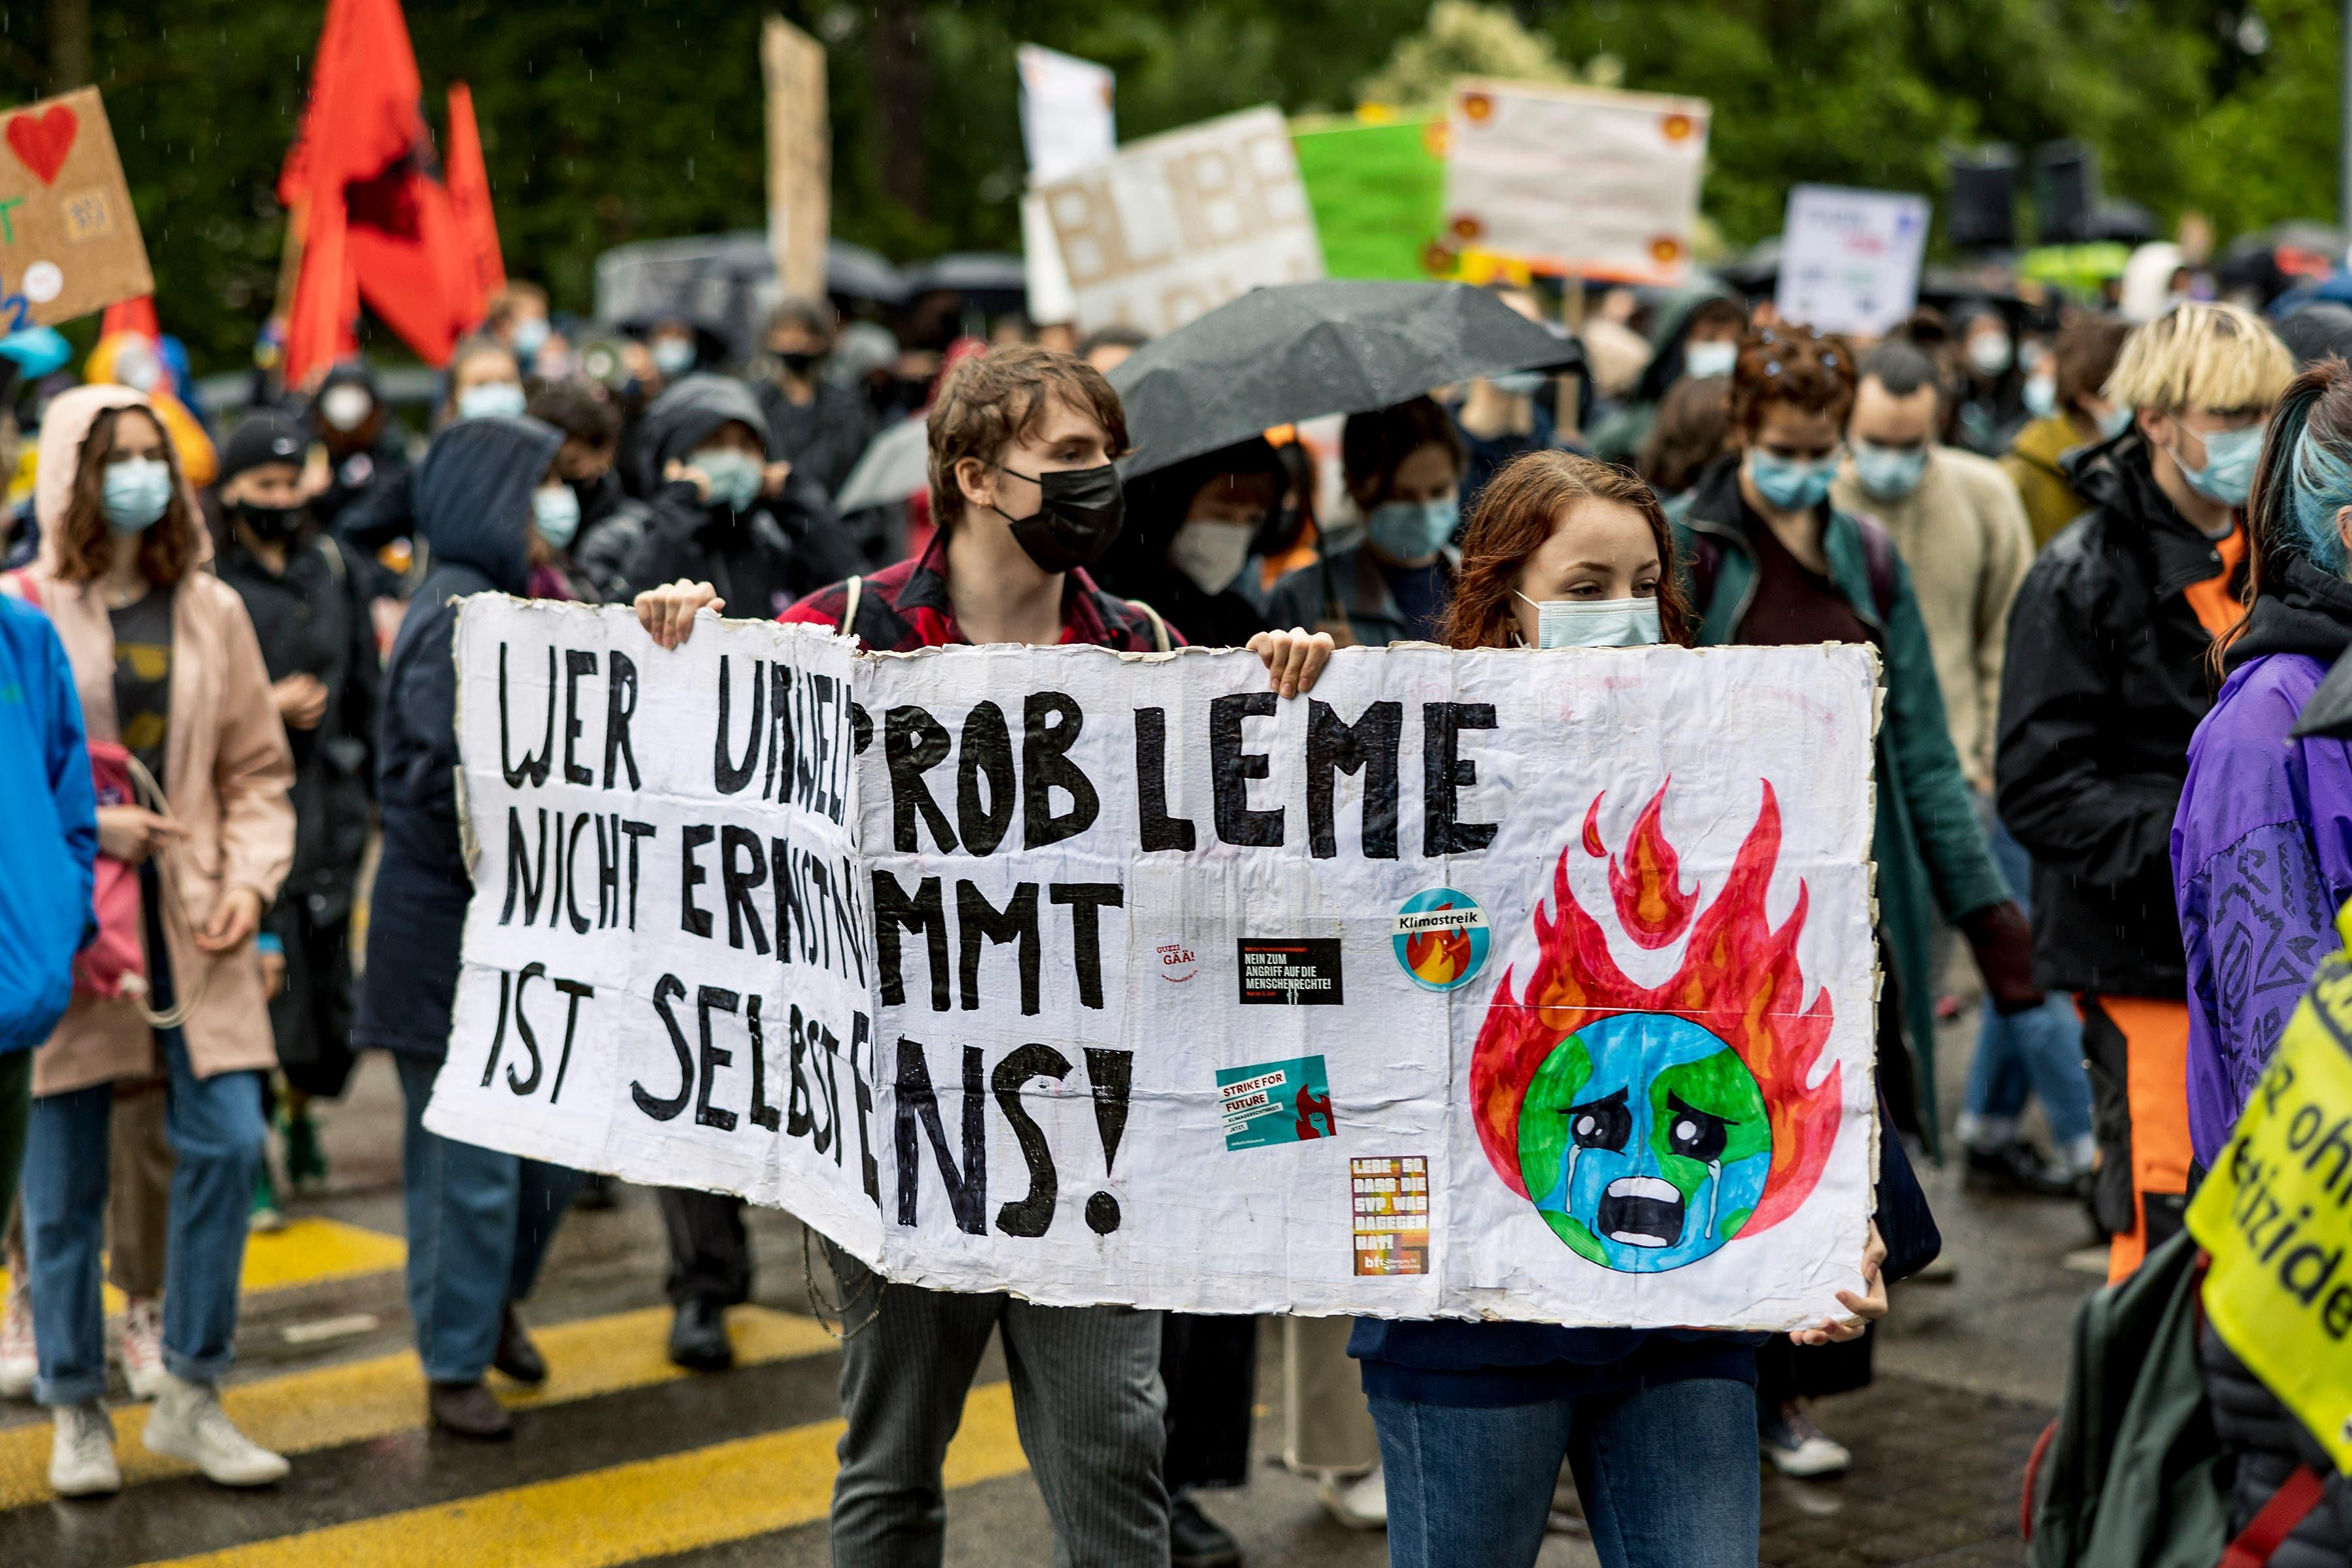 «Wer Umweltprobleme nicht erkennt, ist selbst eins!», steht auf einem Transparent.